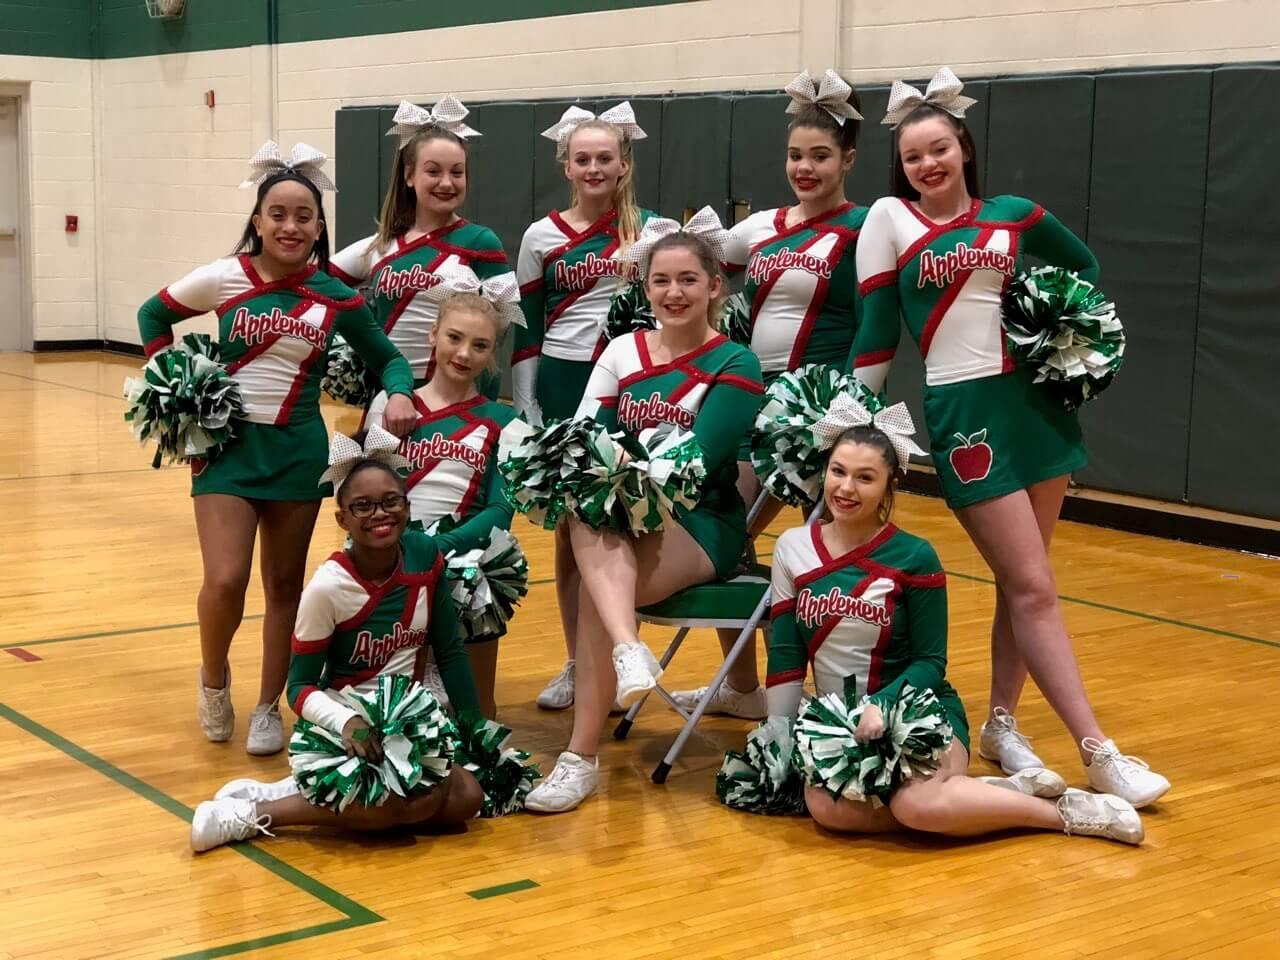 Cheerleading-Girls in einer Turnhalle